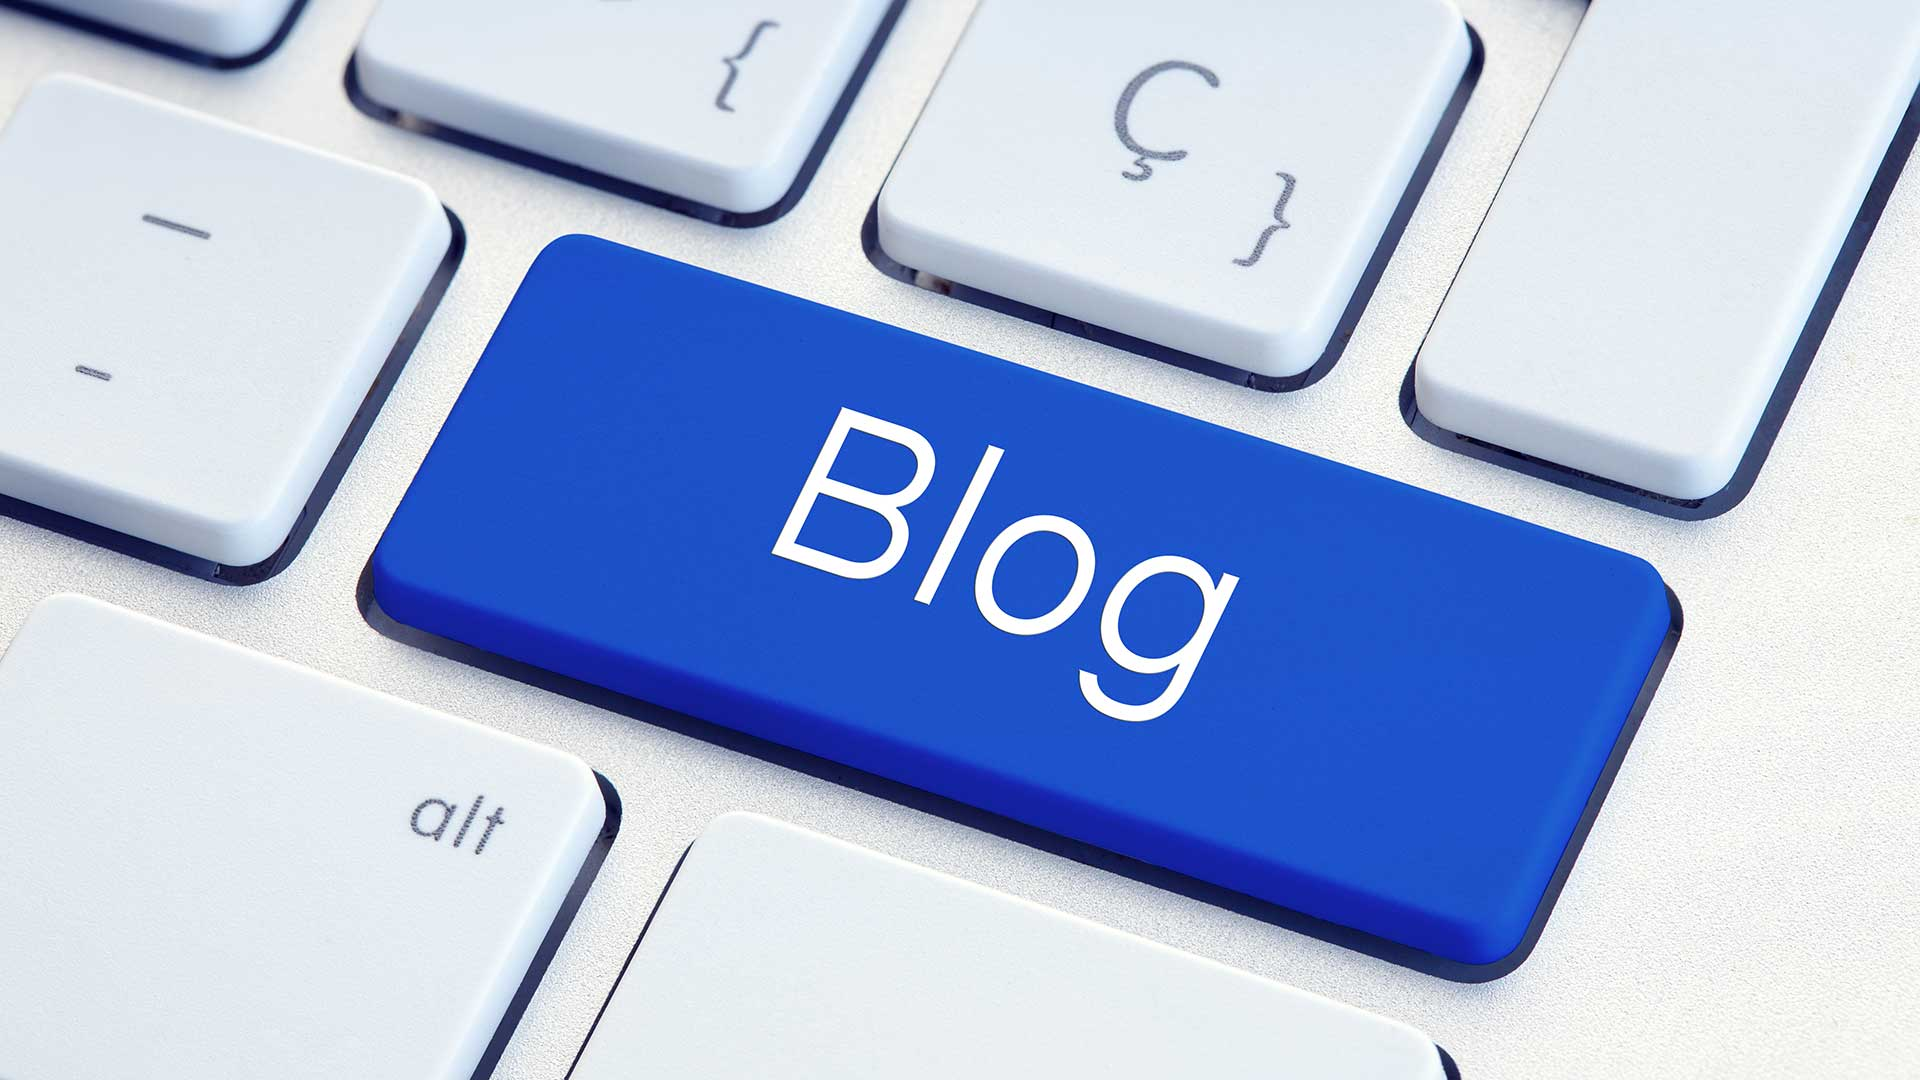 blog-key-image